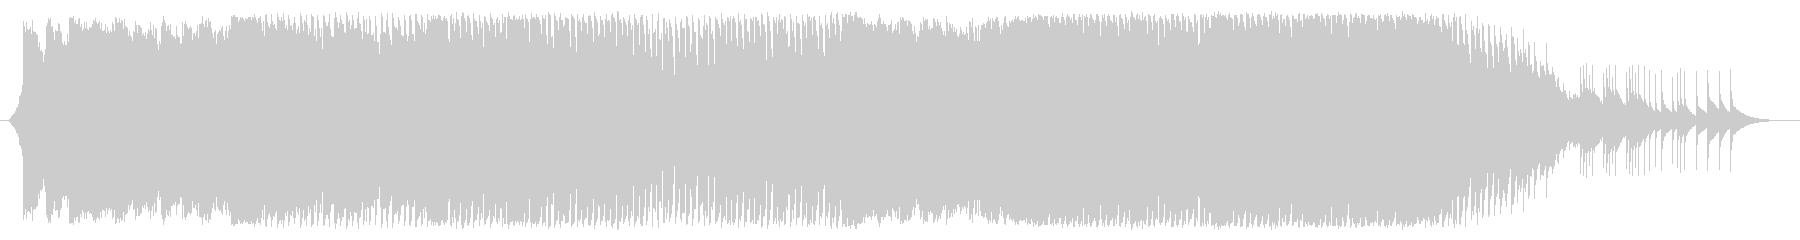 ガーリー&キュートなハウスポップの未再生の波形